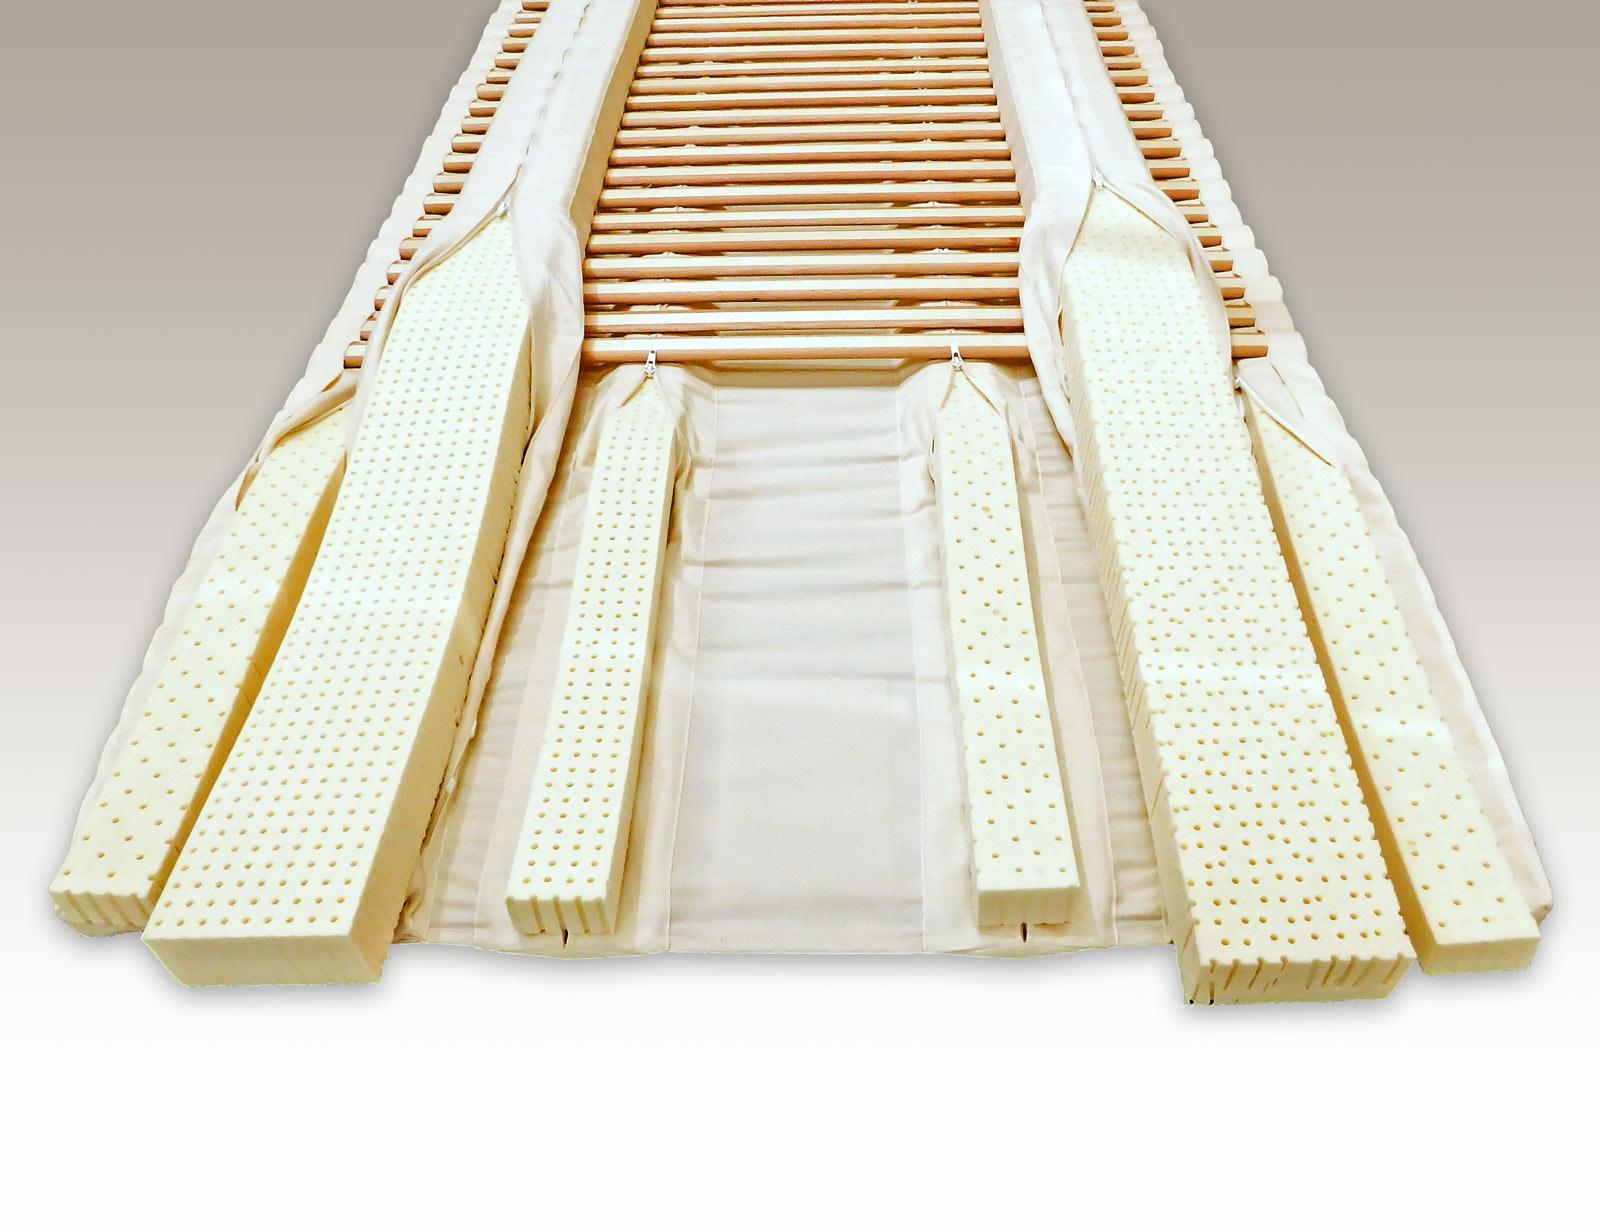 ersatzteile lattenroste lattenroste ersatzteile. Black Bedroom Furniture Sets. Home Design Ideas